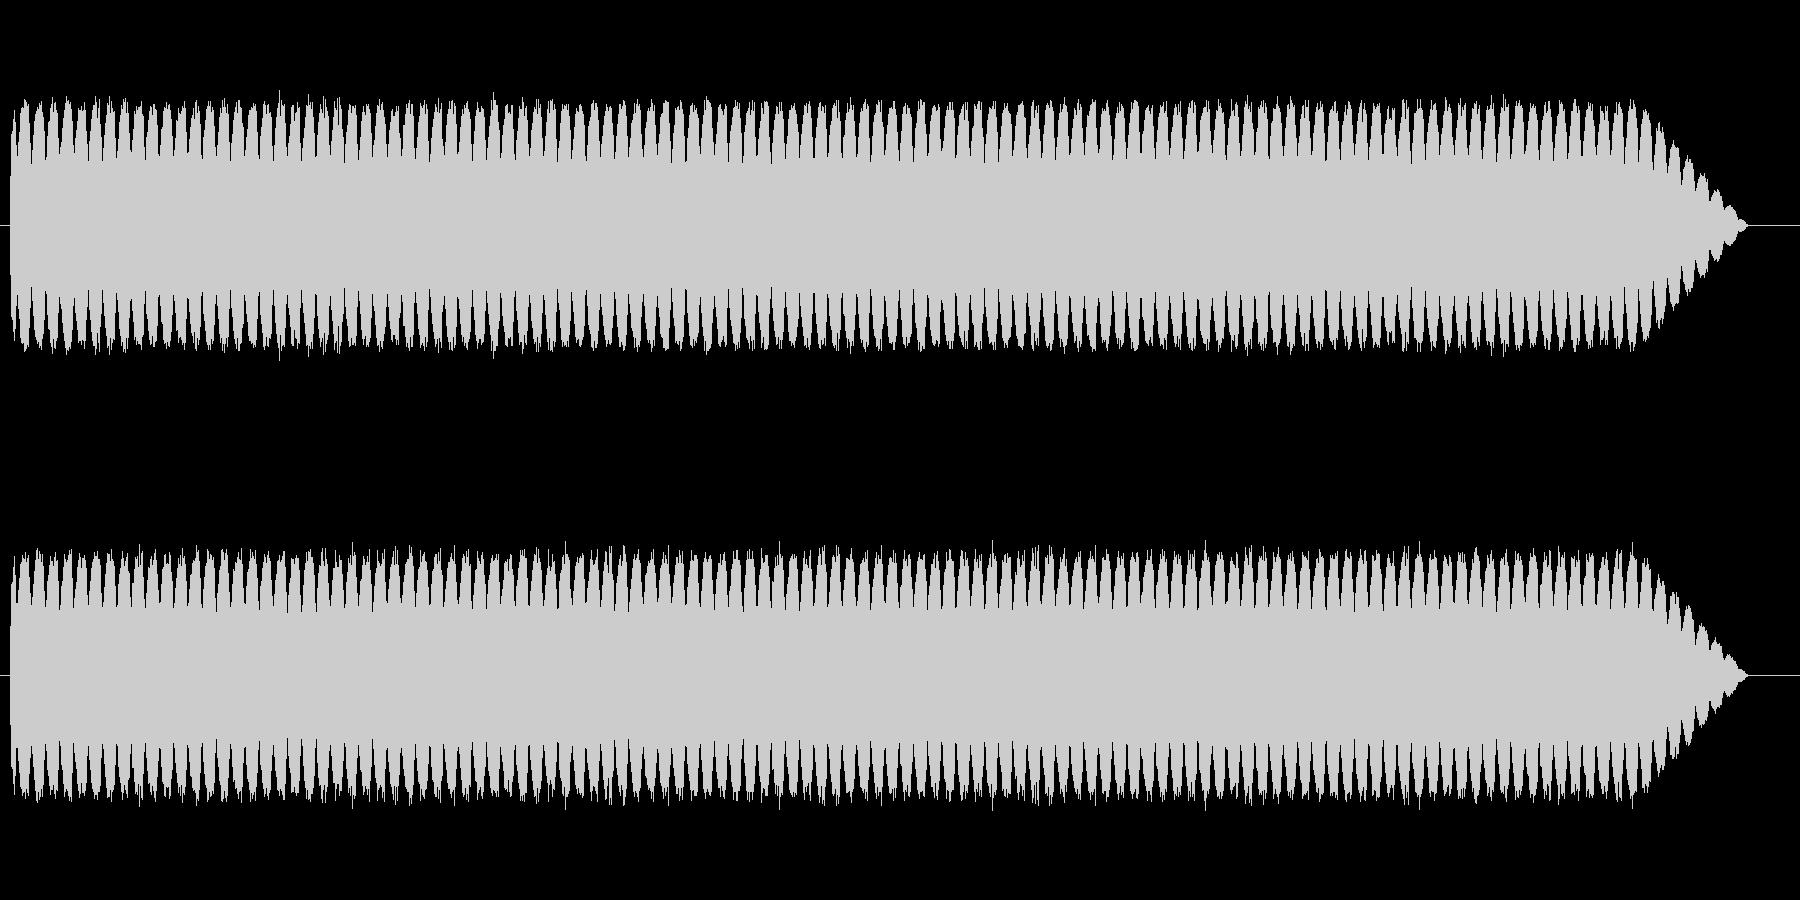 アメパトのサイレンの未再生の波形